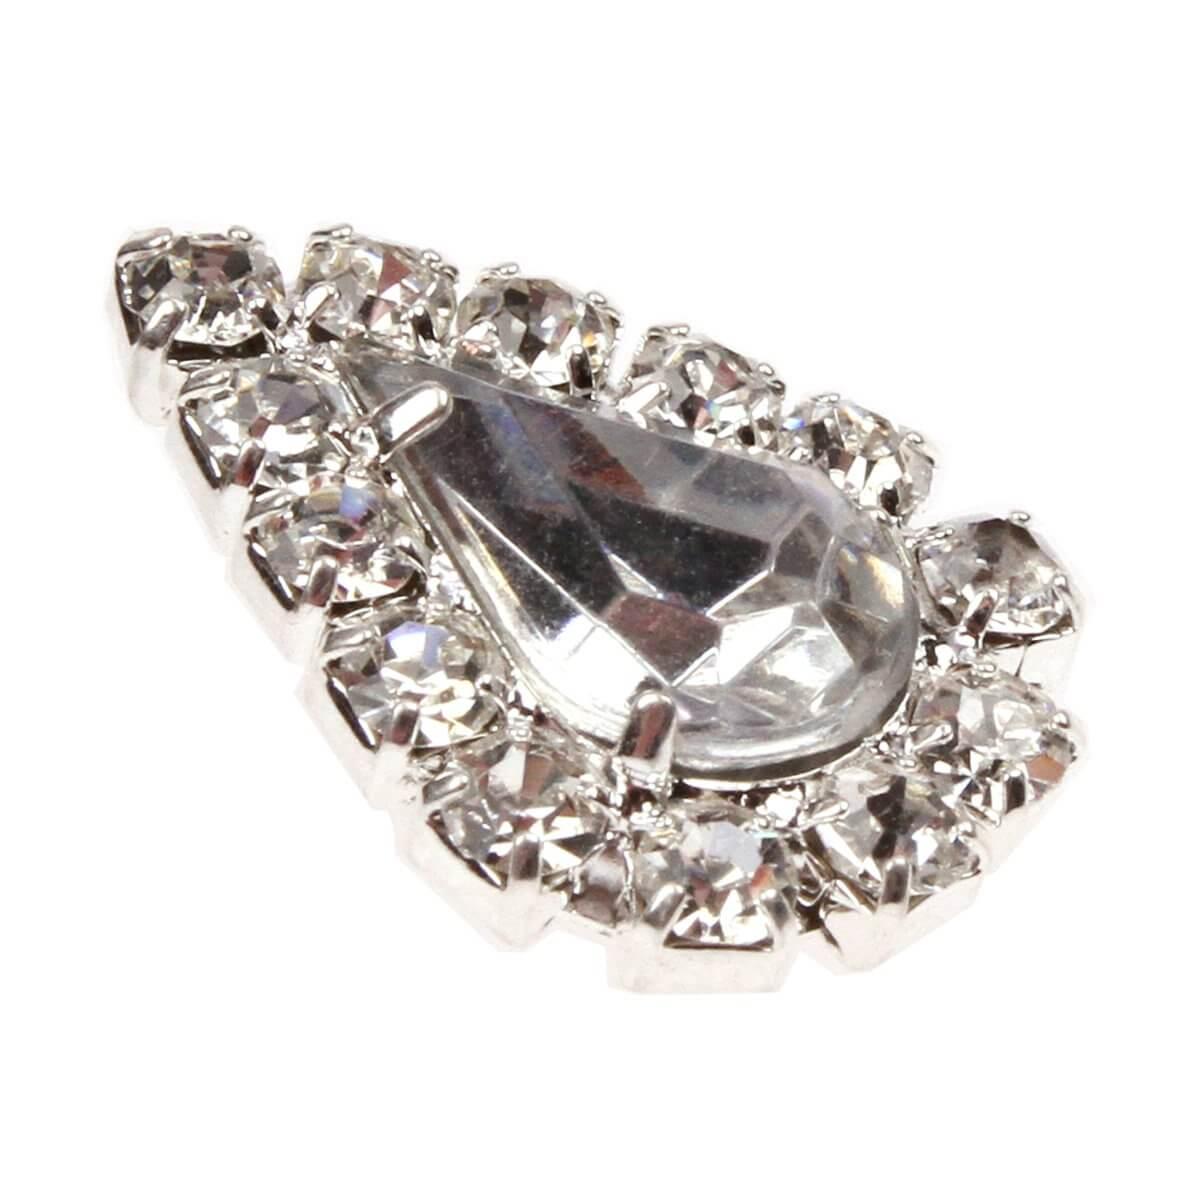 Grace Diamante and Gem Embellishment